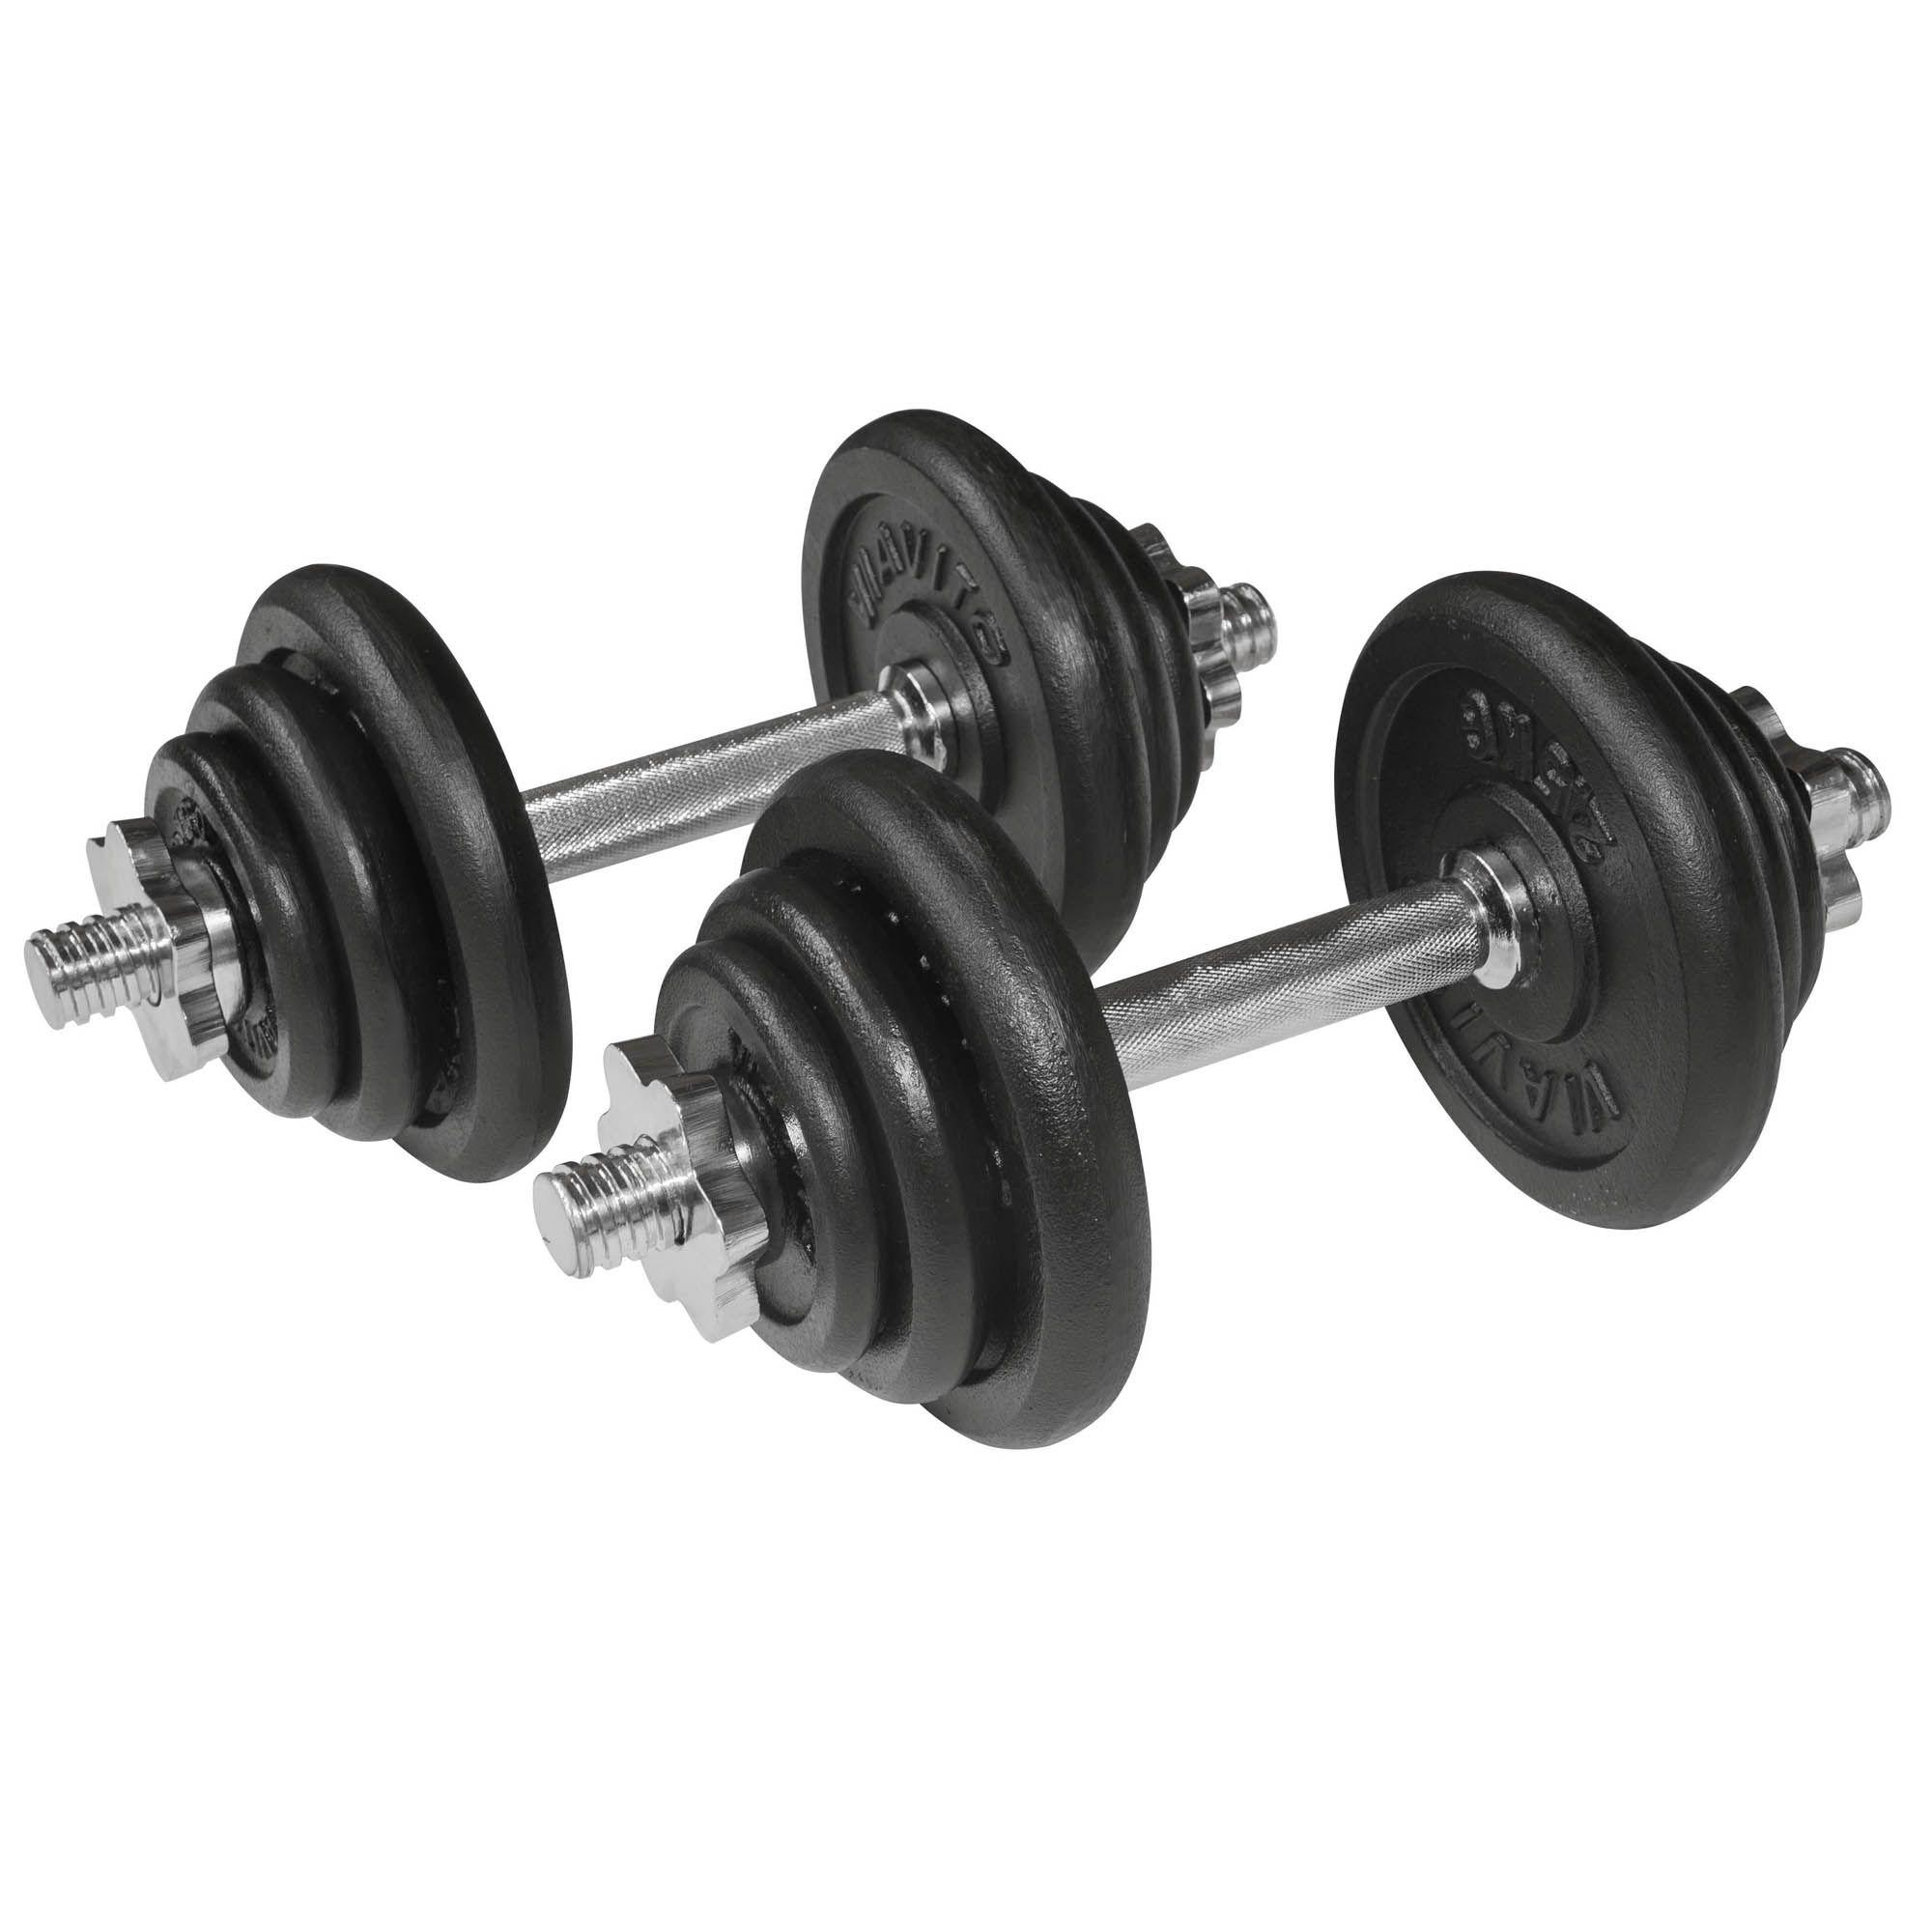 Dumbbell Set Mr Price Sport: Viavito 20kg Black Cast Iron Dumbbell Set